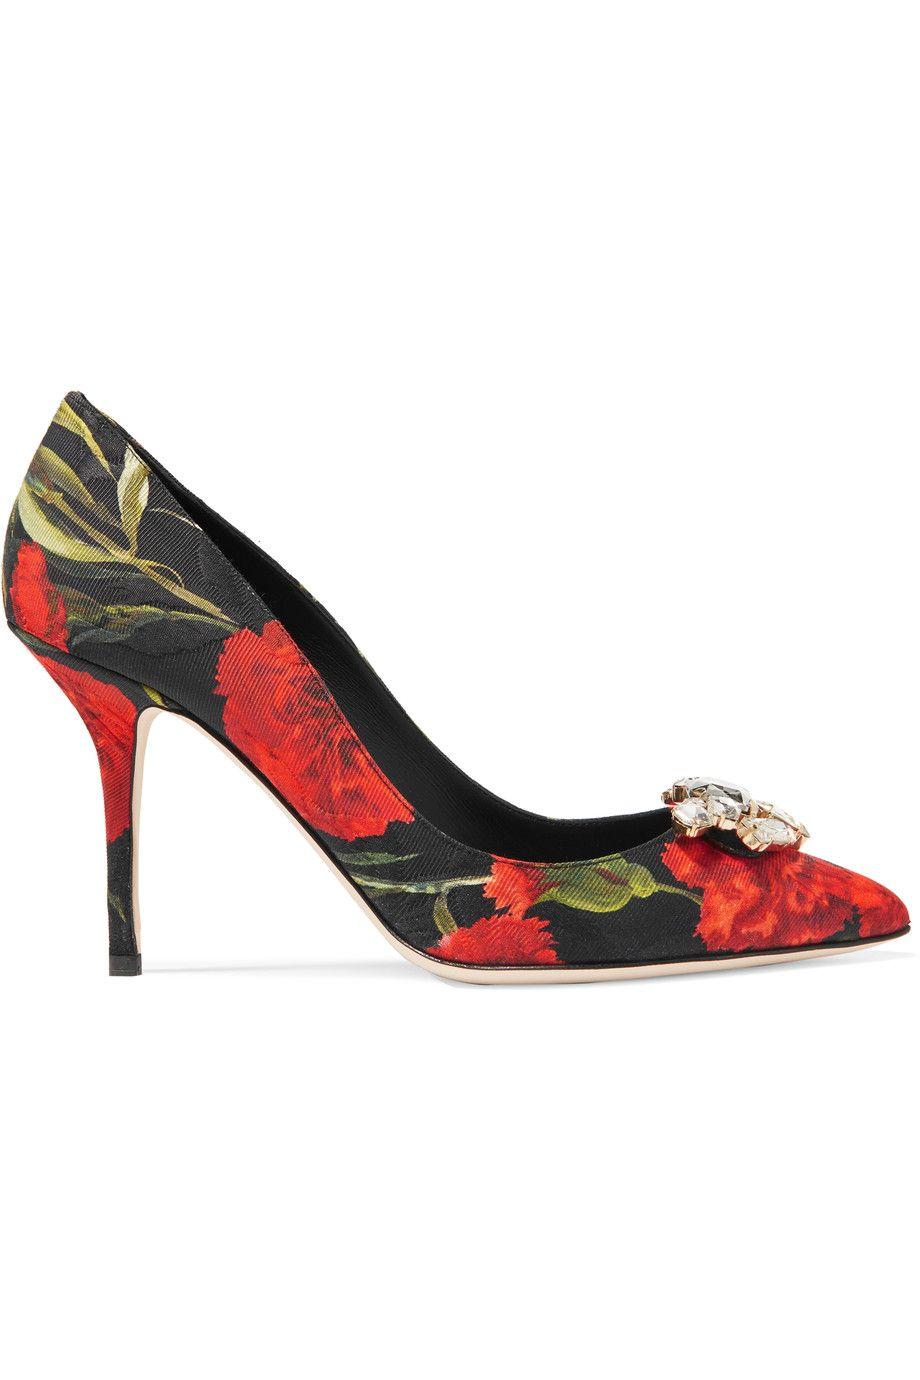 Dolce & GabbanaEmbellished floral-jacquard pumps